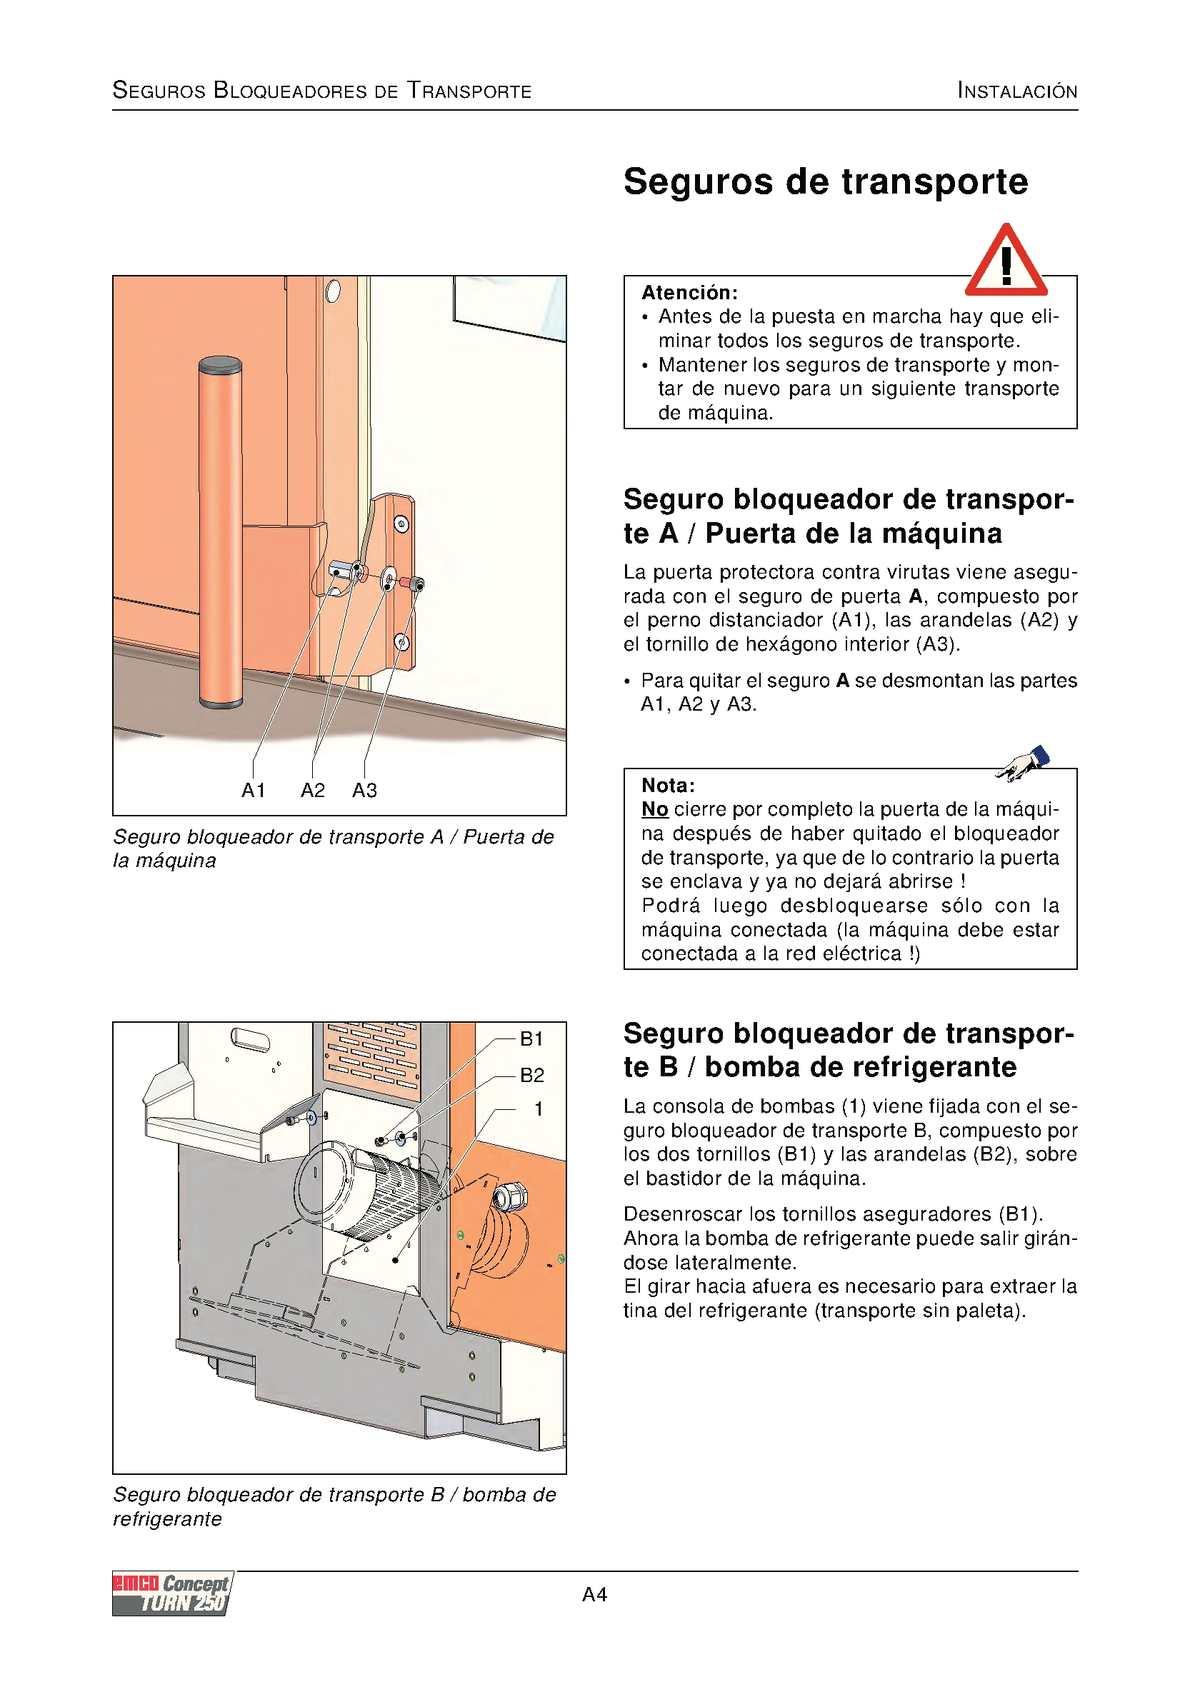 MANUAL TORNO - DESCRIPCIÓN DE LA MÁQUINA - CALAMEO Downloader